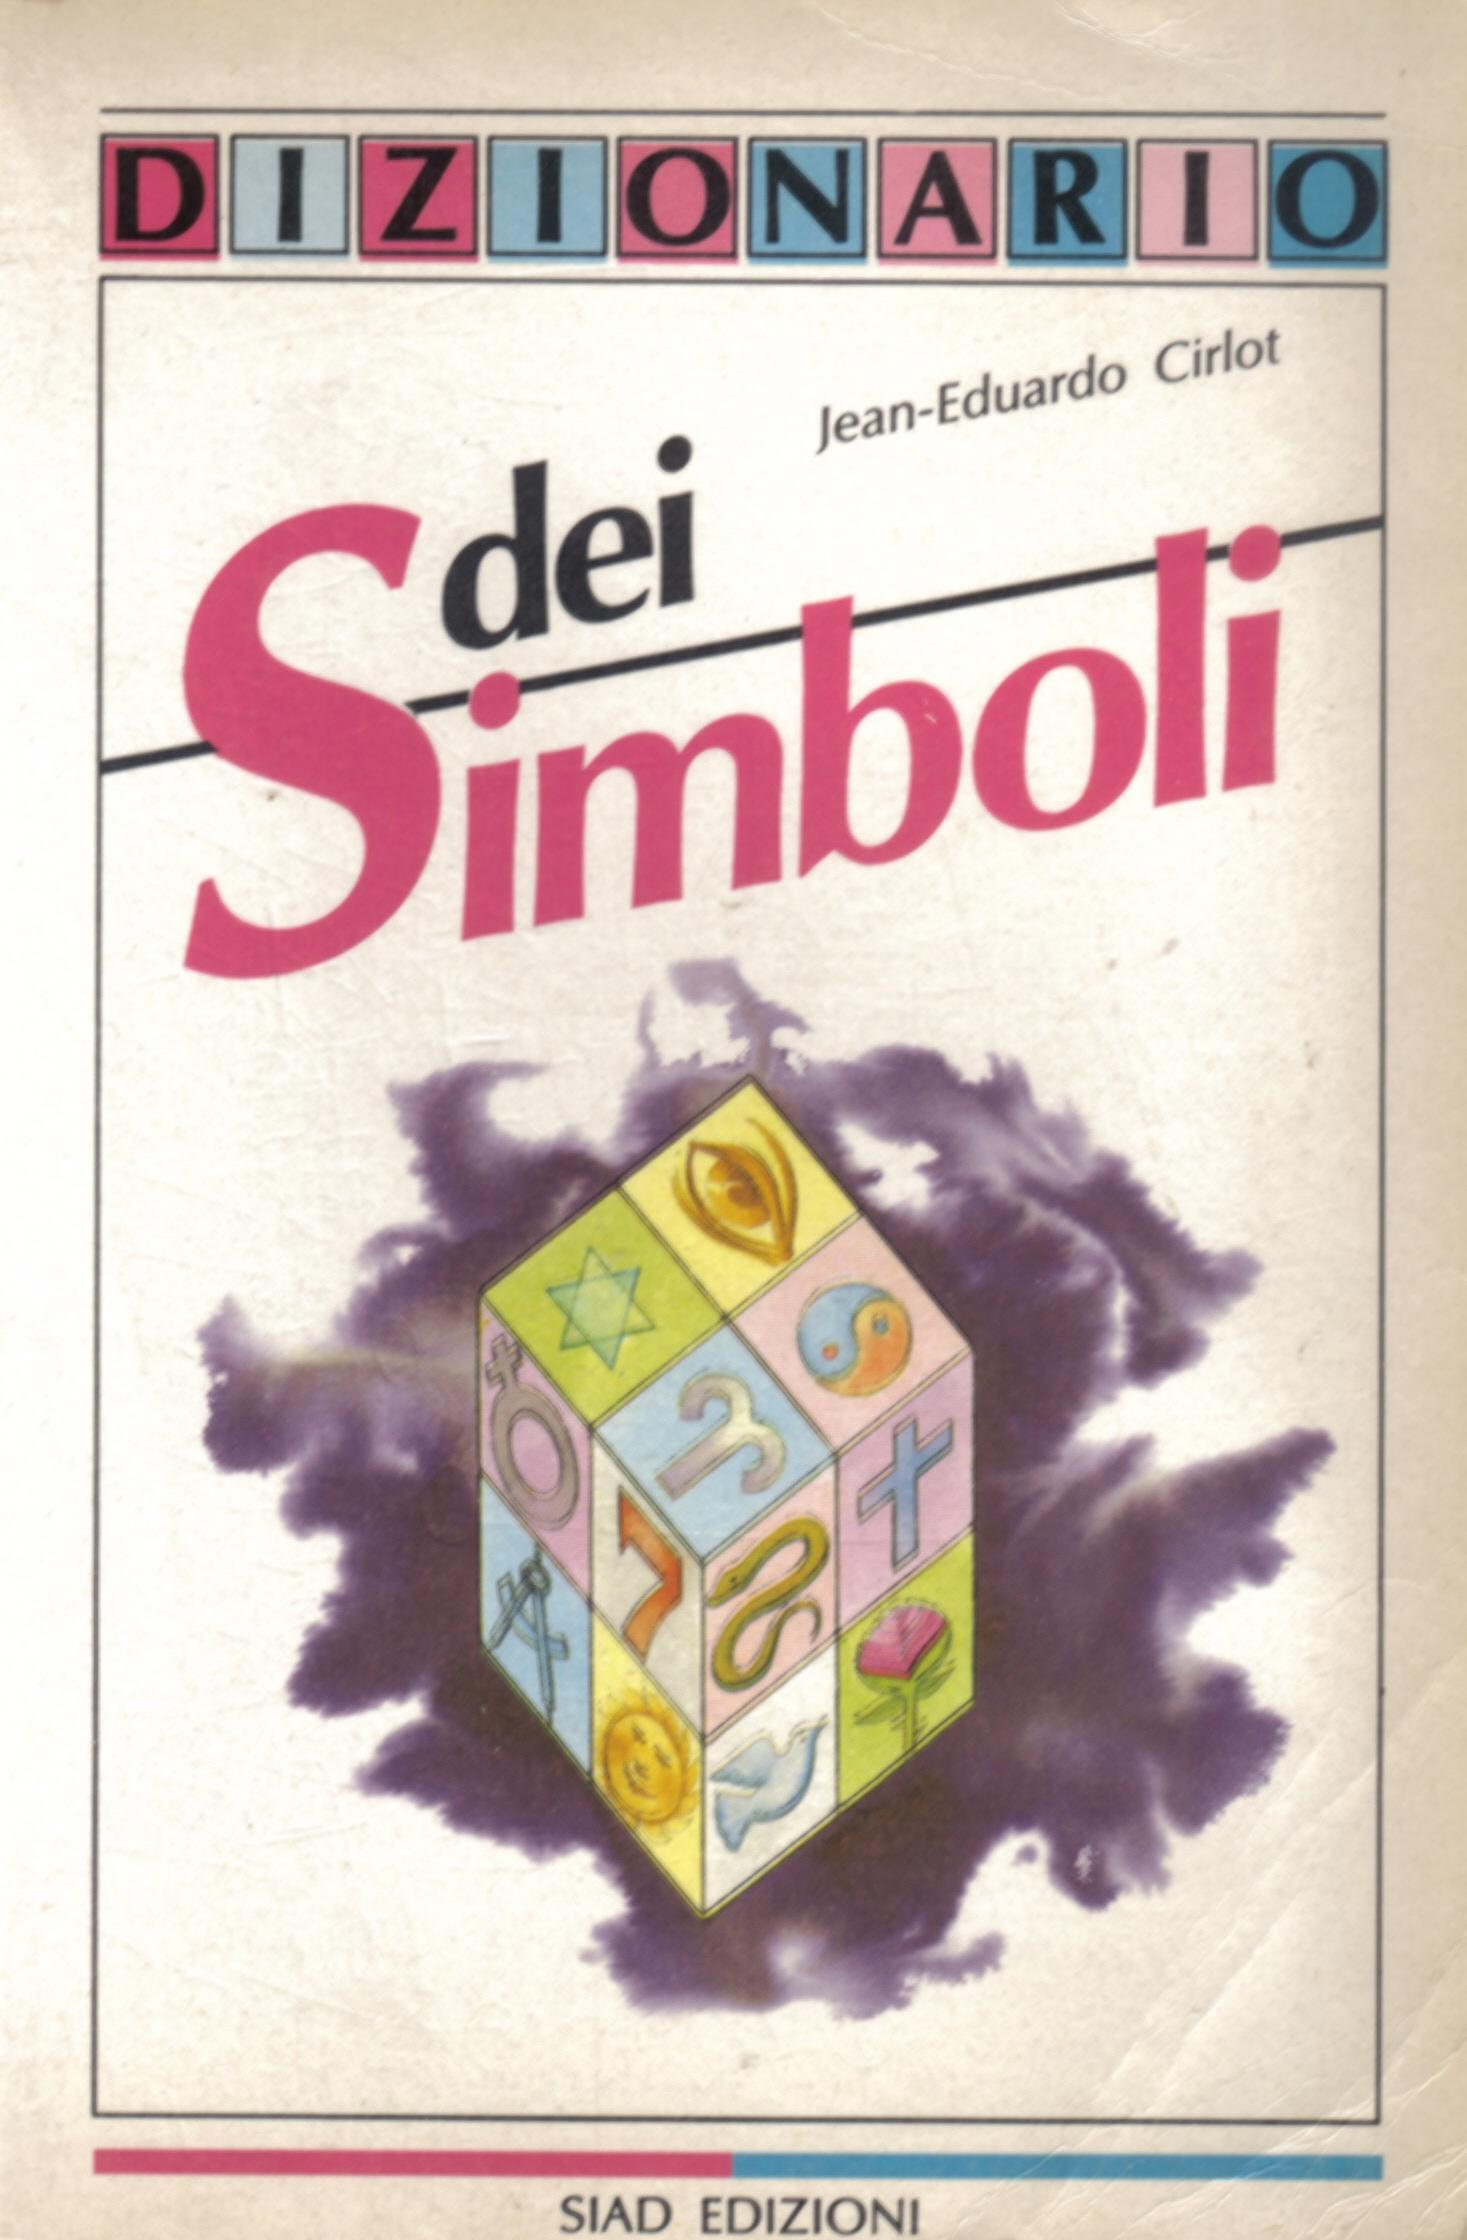 Dizionario dei simbo...